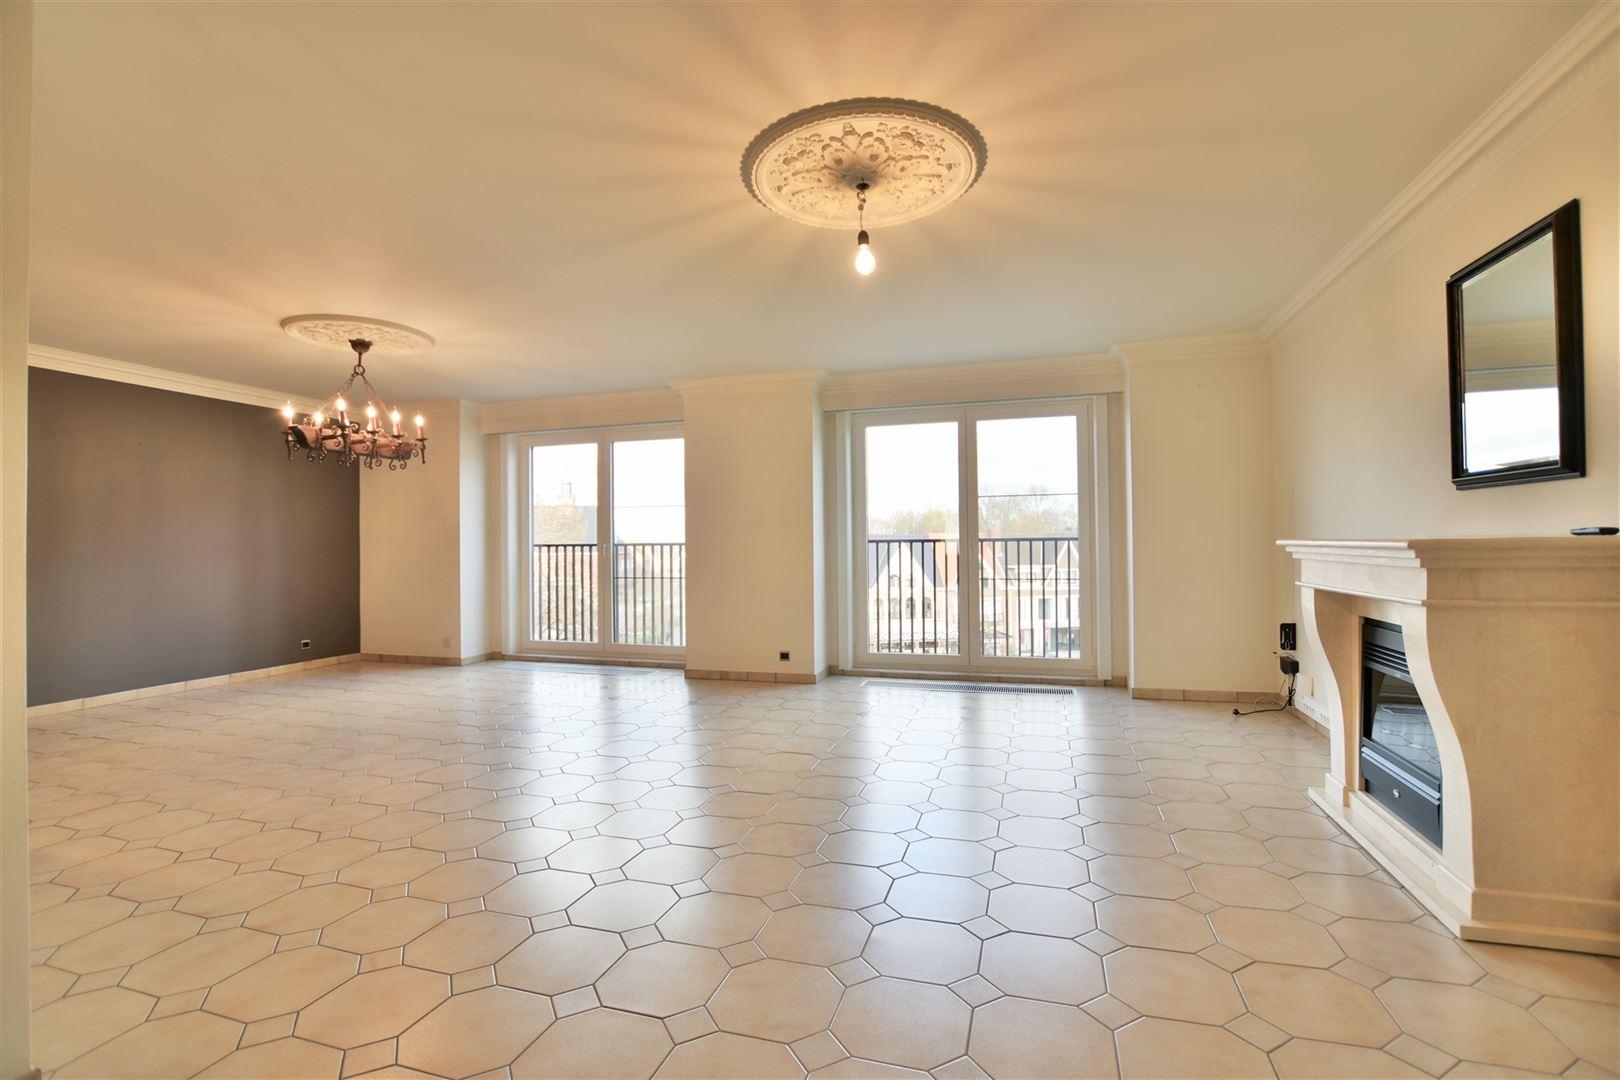 Foto 1 : Appartement te 9240 ZELE (België) - Prijs € 299.000